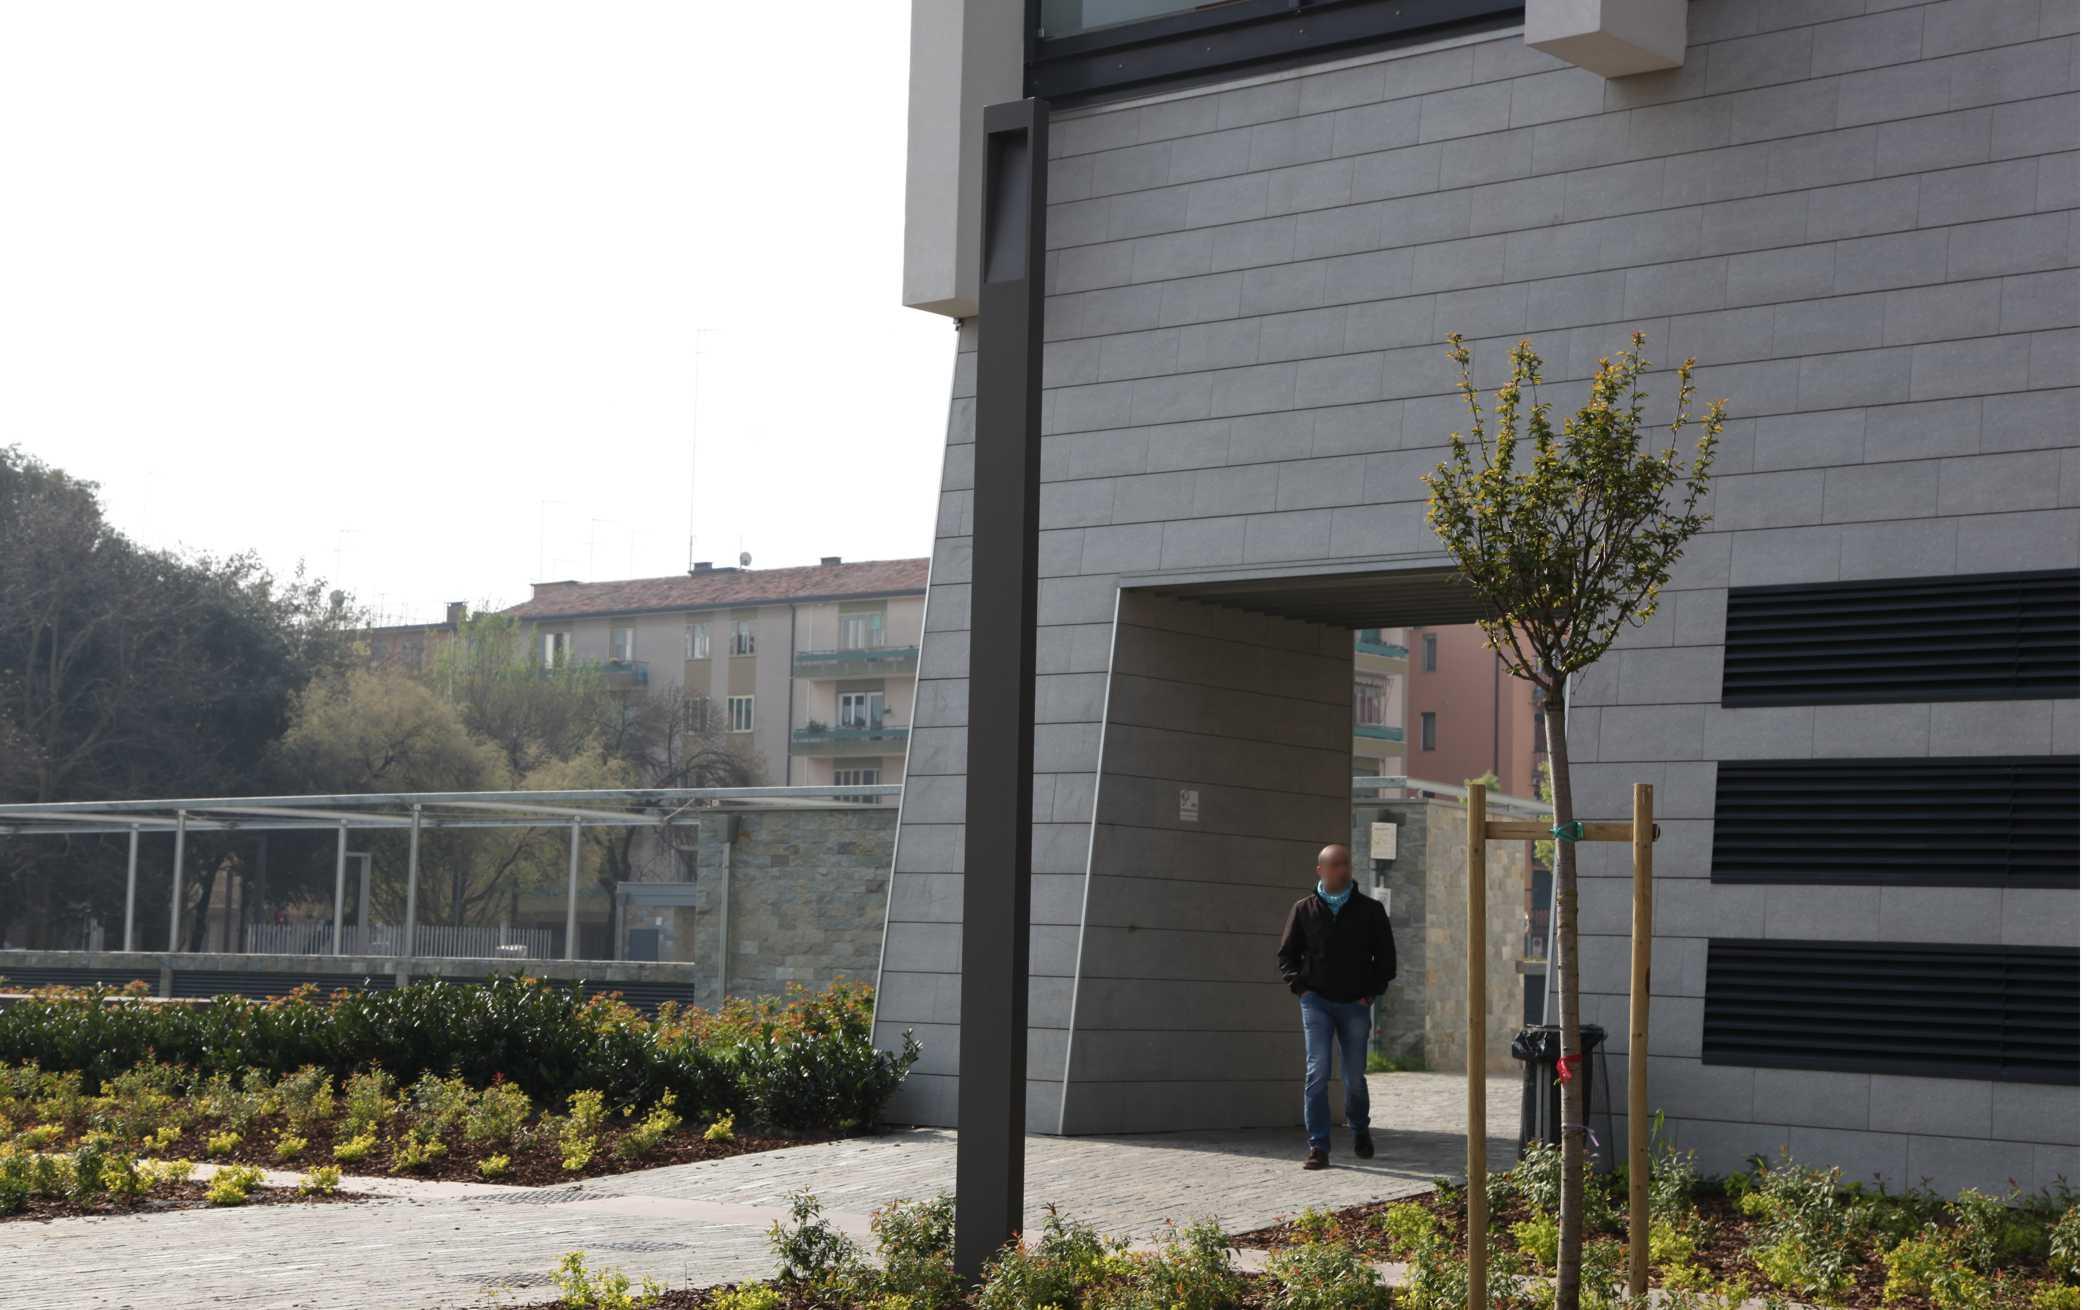 Arch. Mauro Sarti Archpiùdue Architetti Associati